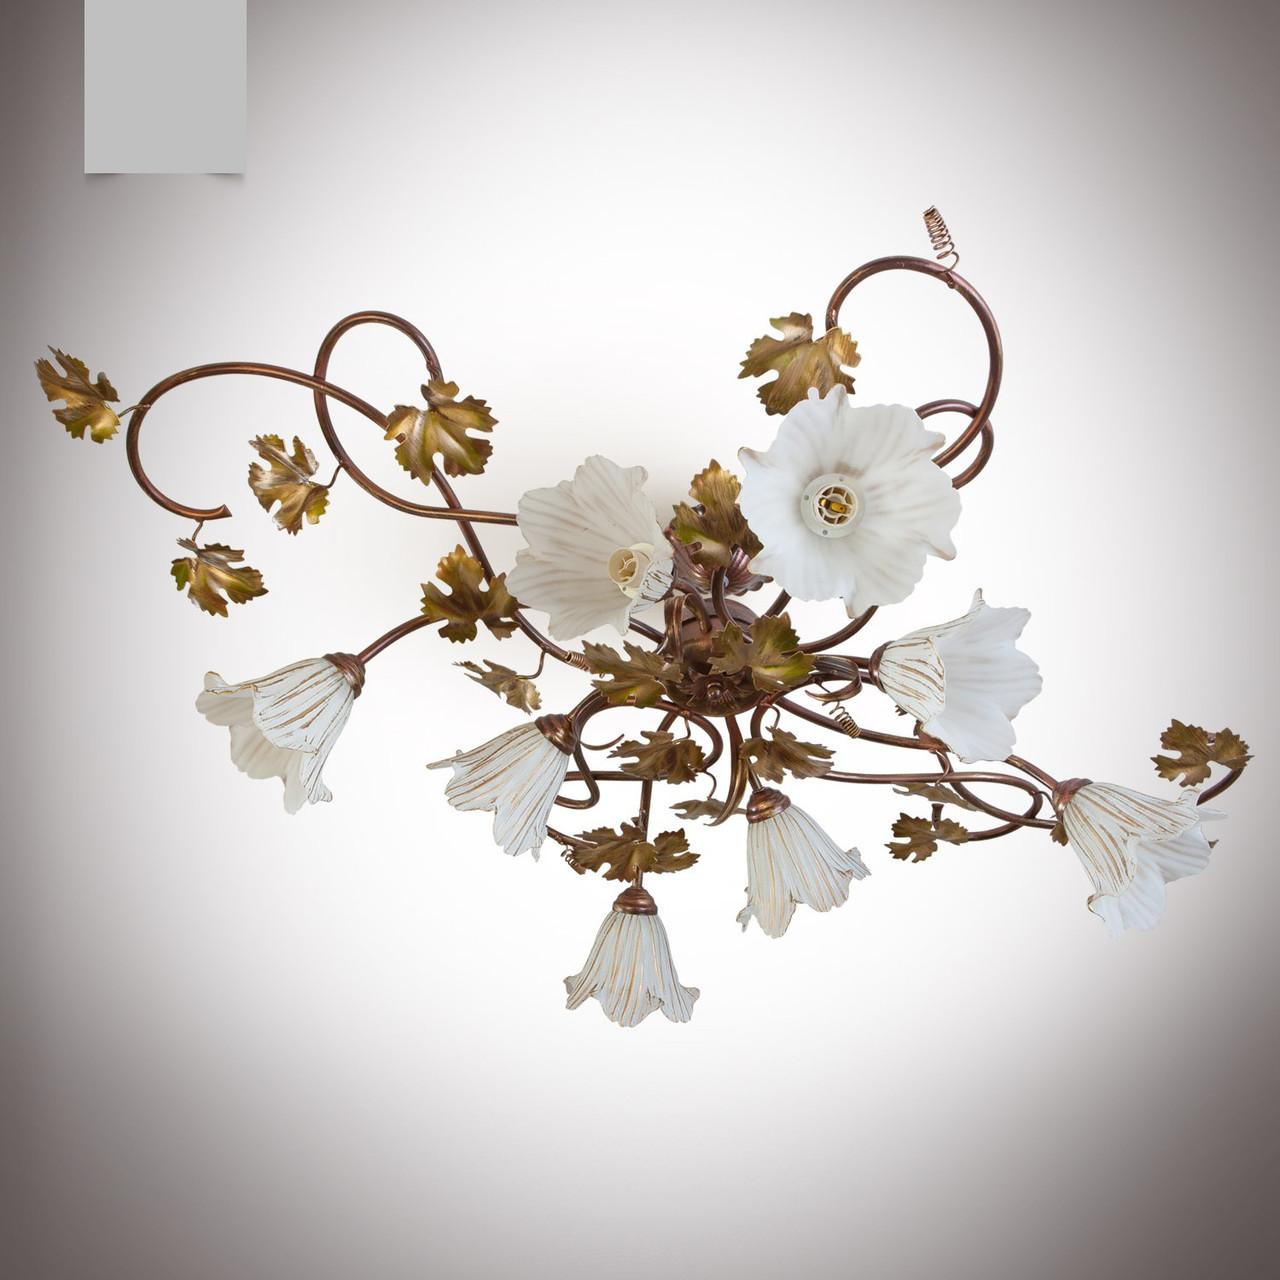 Люстра для большой комнаты 8-ми ламповая в стиле флористика с виноградными листьями 818-1